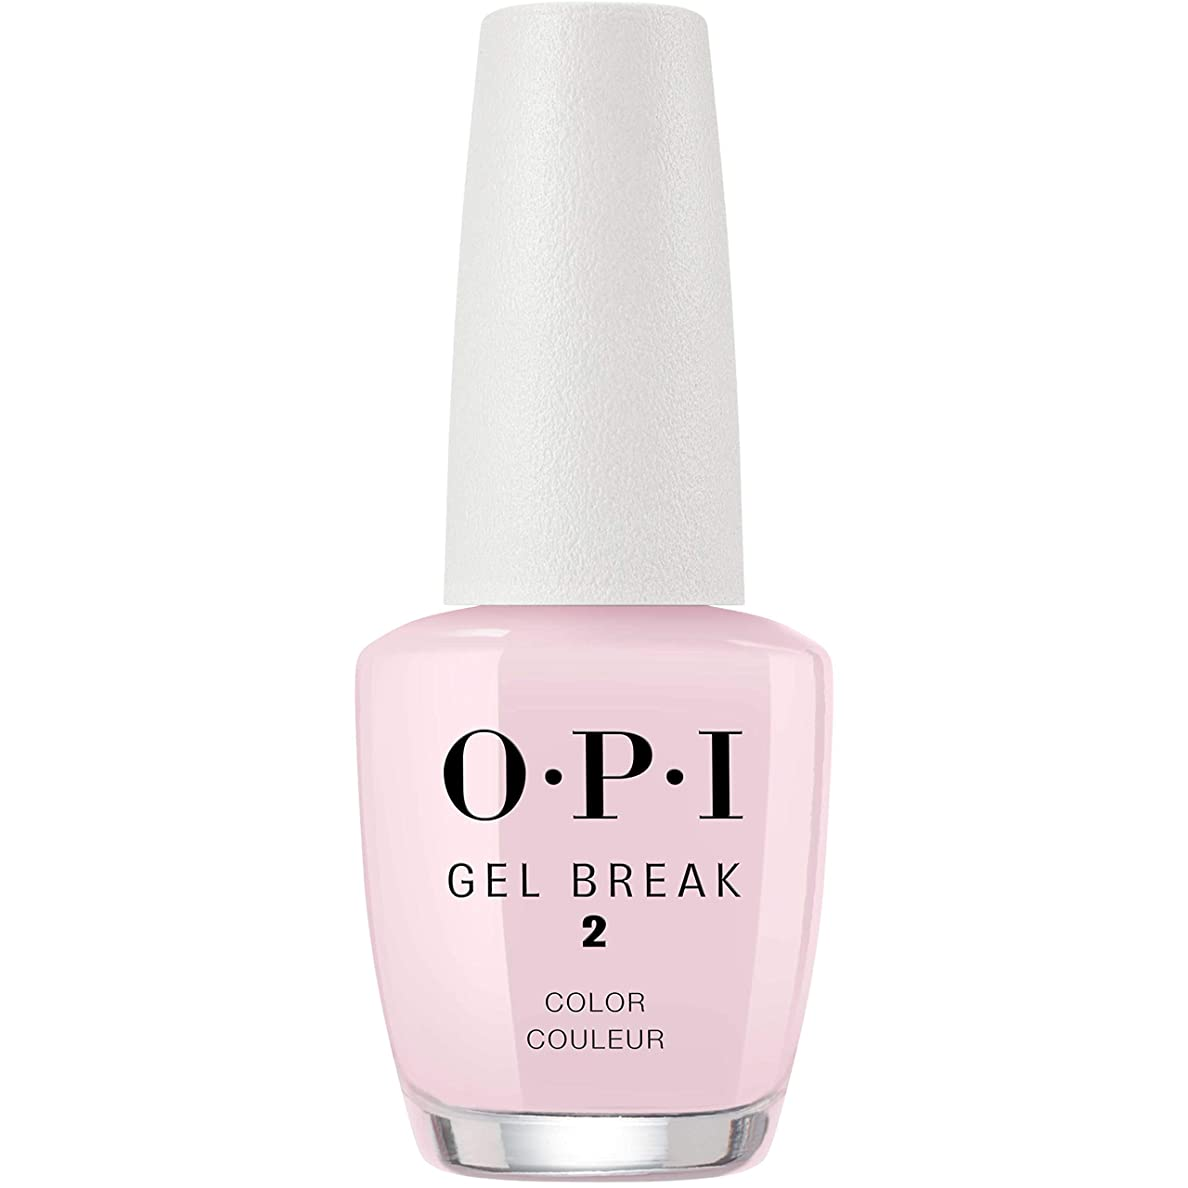 動機うるさい協会OPI(オーピーアイ) ジェルブレイク NTR03 プロパリー ピンク